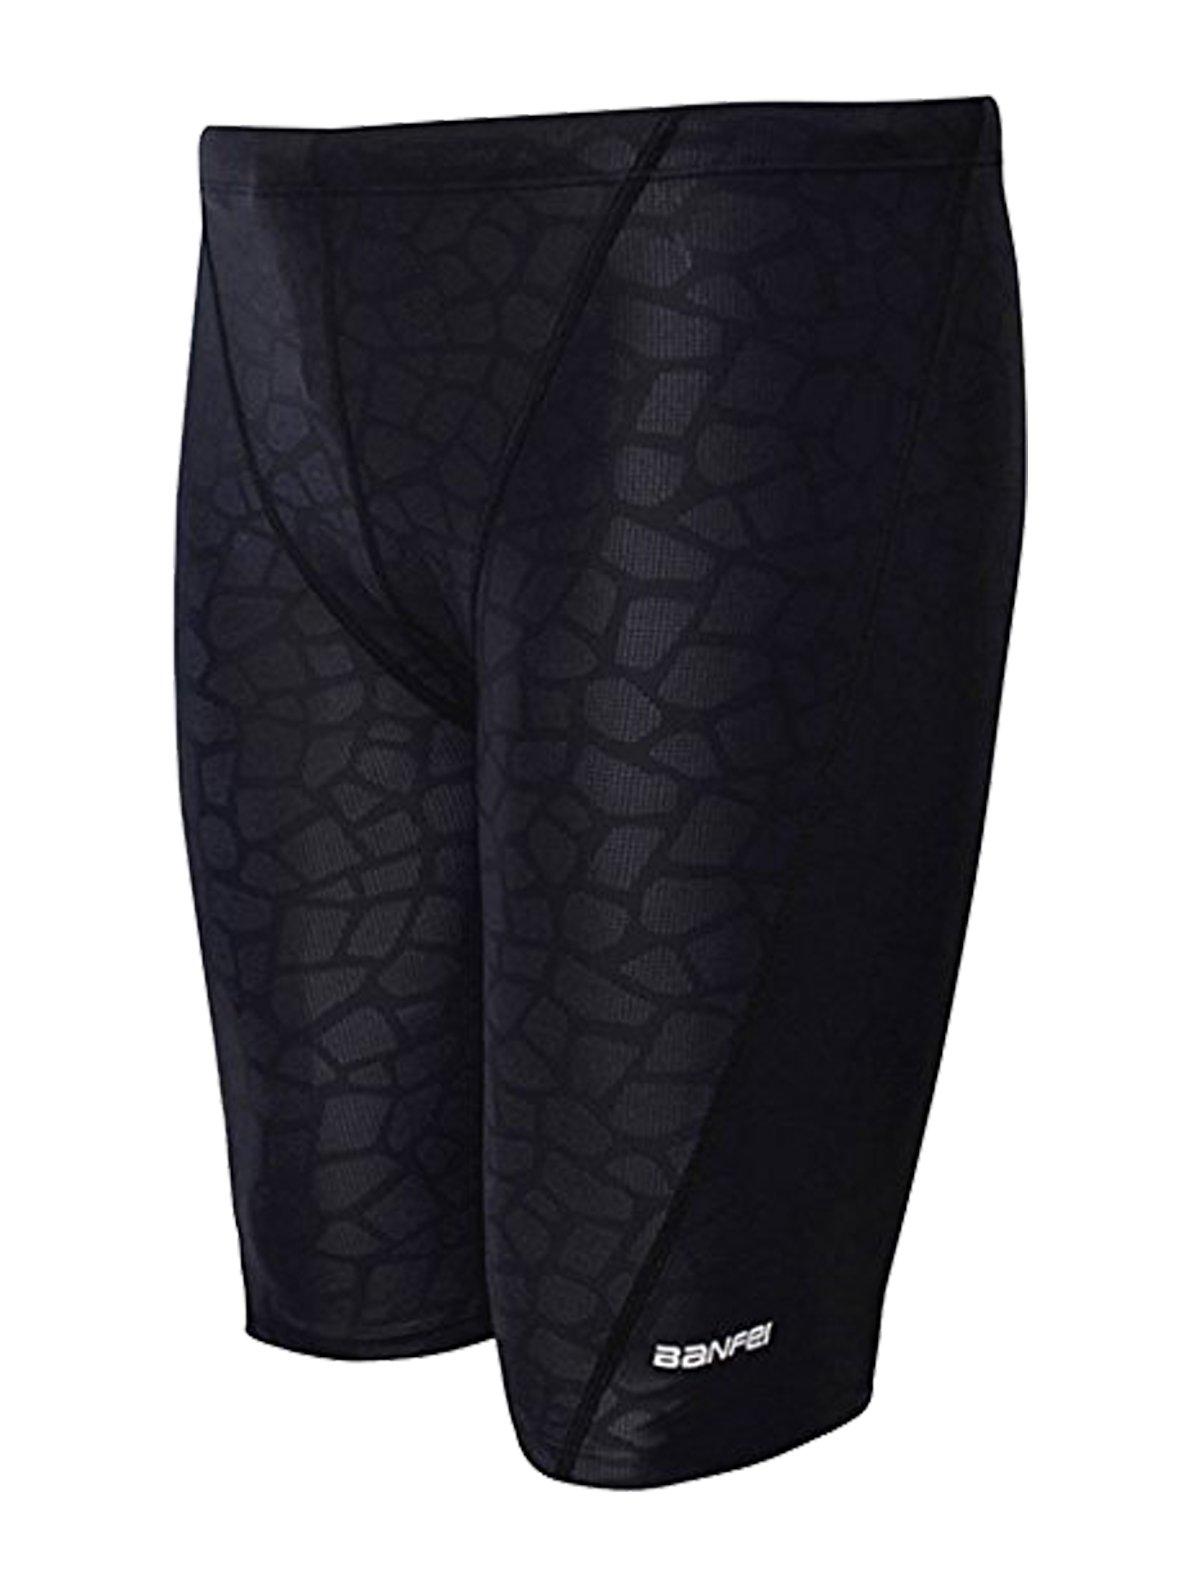 Men's Quick Dry Solid Square Leg Swimsuit (US S/Tag XL (Waist 30-32''), Black Prints)…